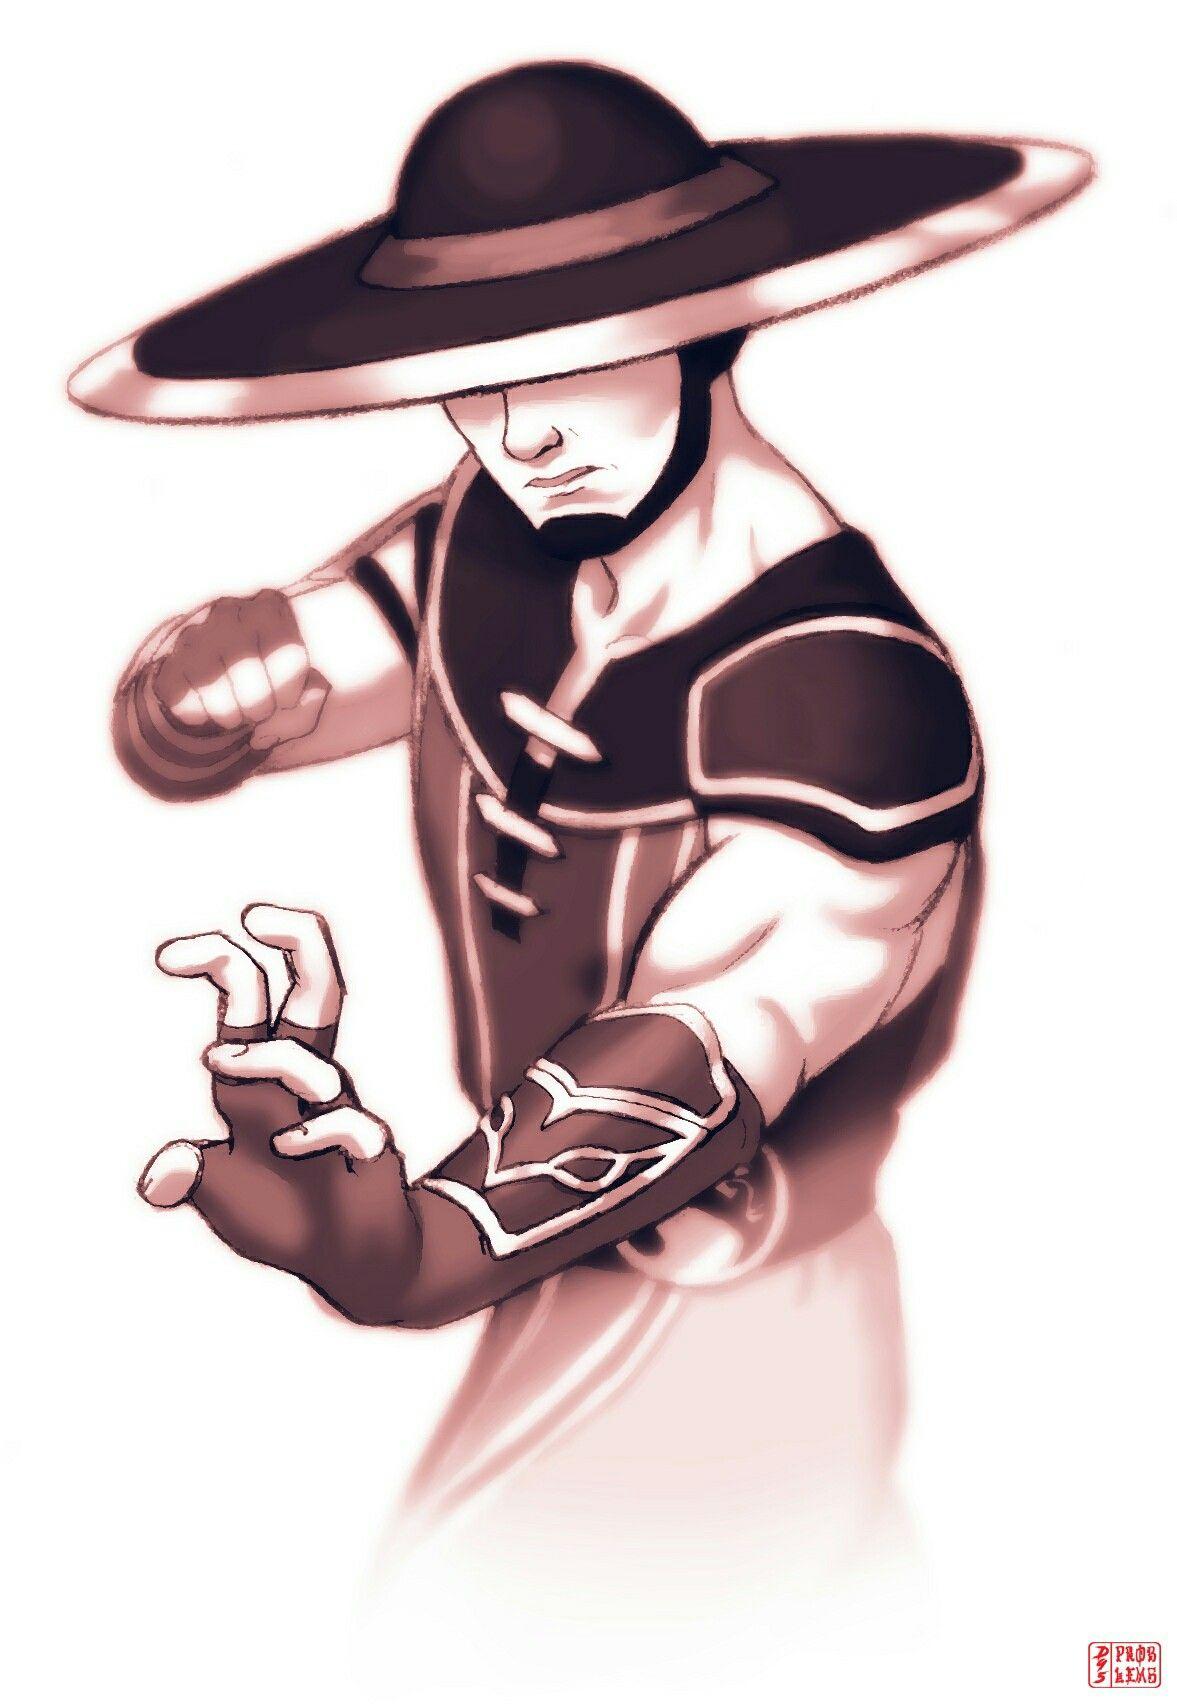 Pin By Mihail On Smertelnaya Bitva Mortal Kombat Art Mortal Kombat Characters Mortal Kombat